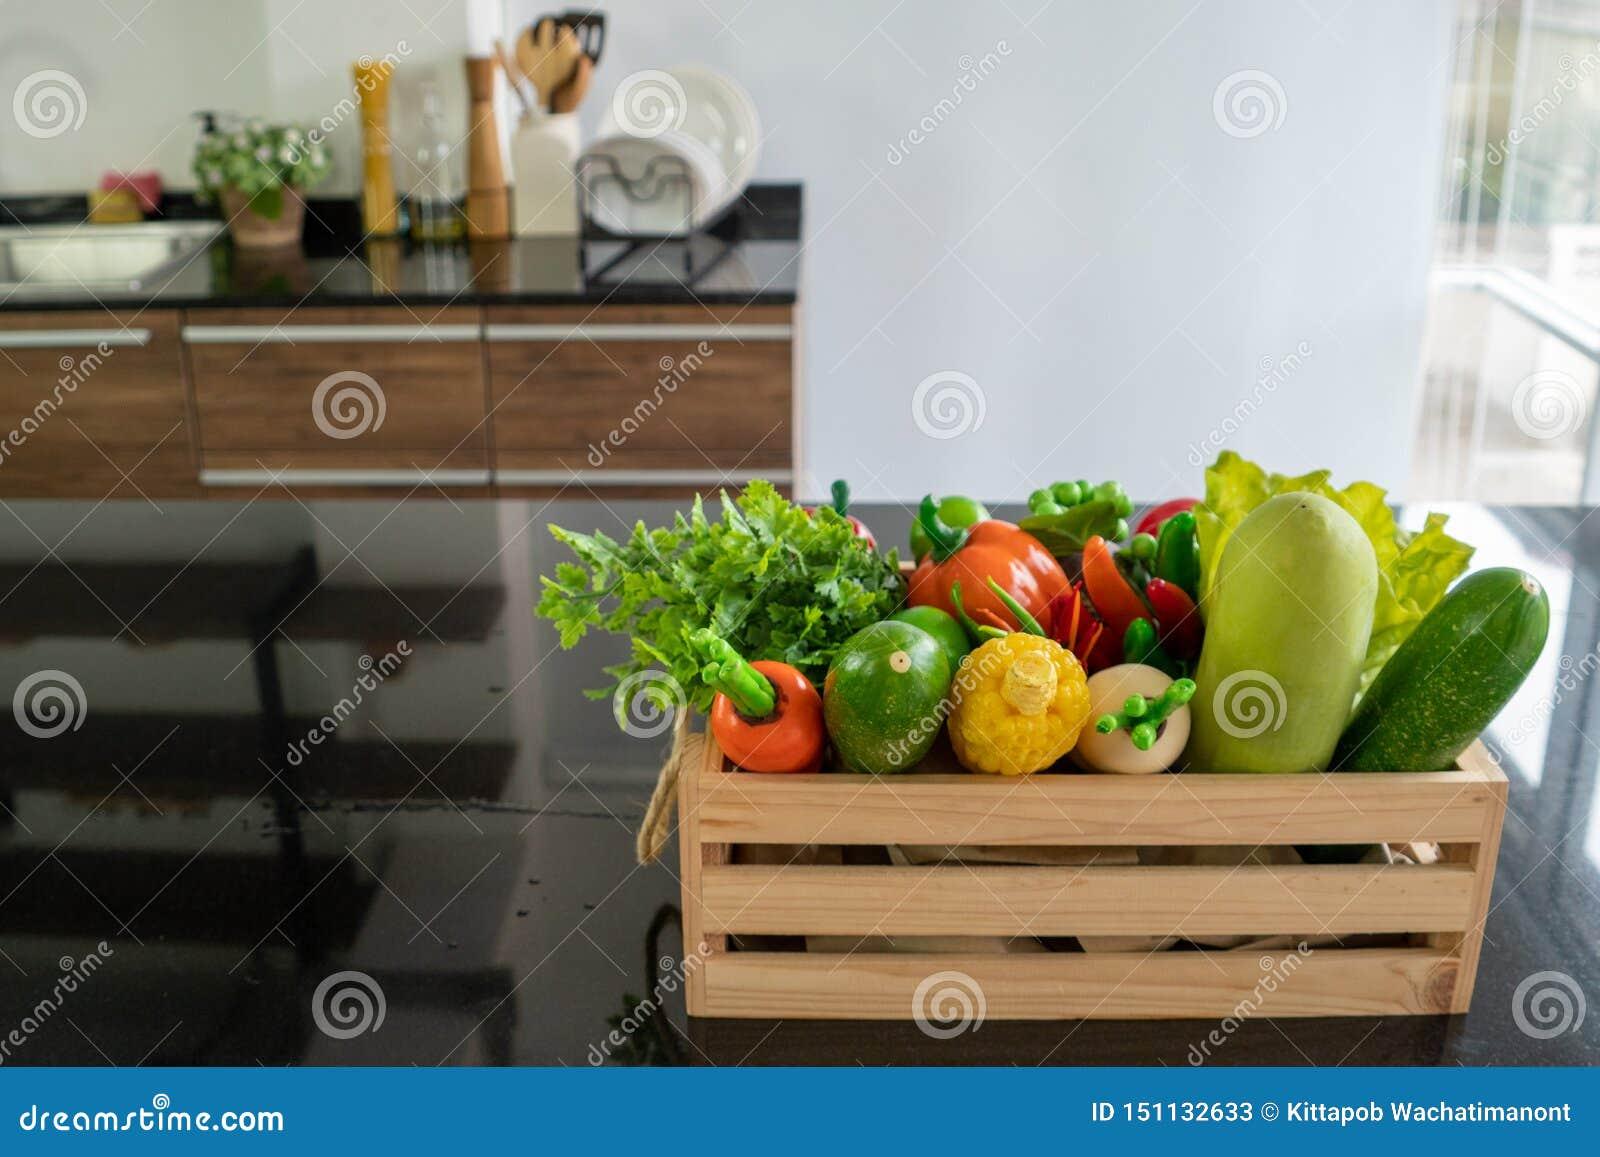 Houten die kratten met diverse soorten verse die groenten worden gevuld op de teller in de keuken worden geplaatst